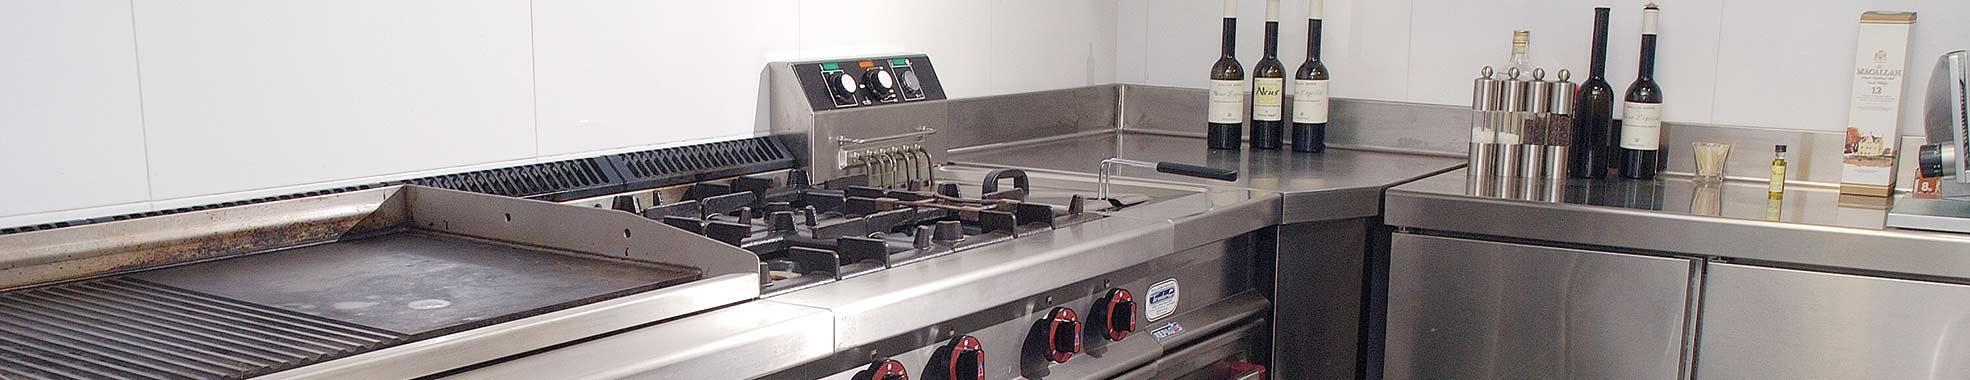 Imagen de tu cocina siempre al día con Tecnobar